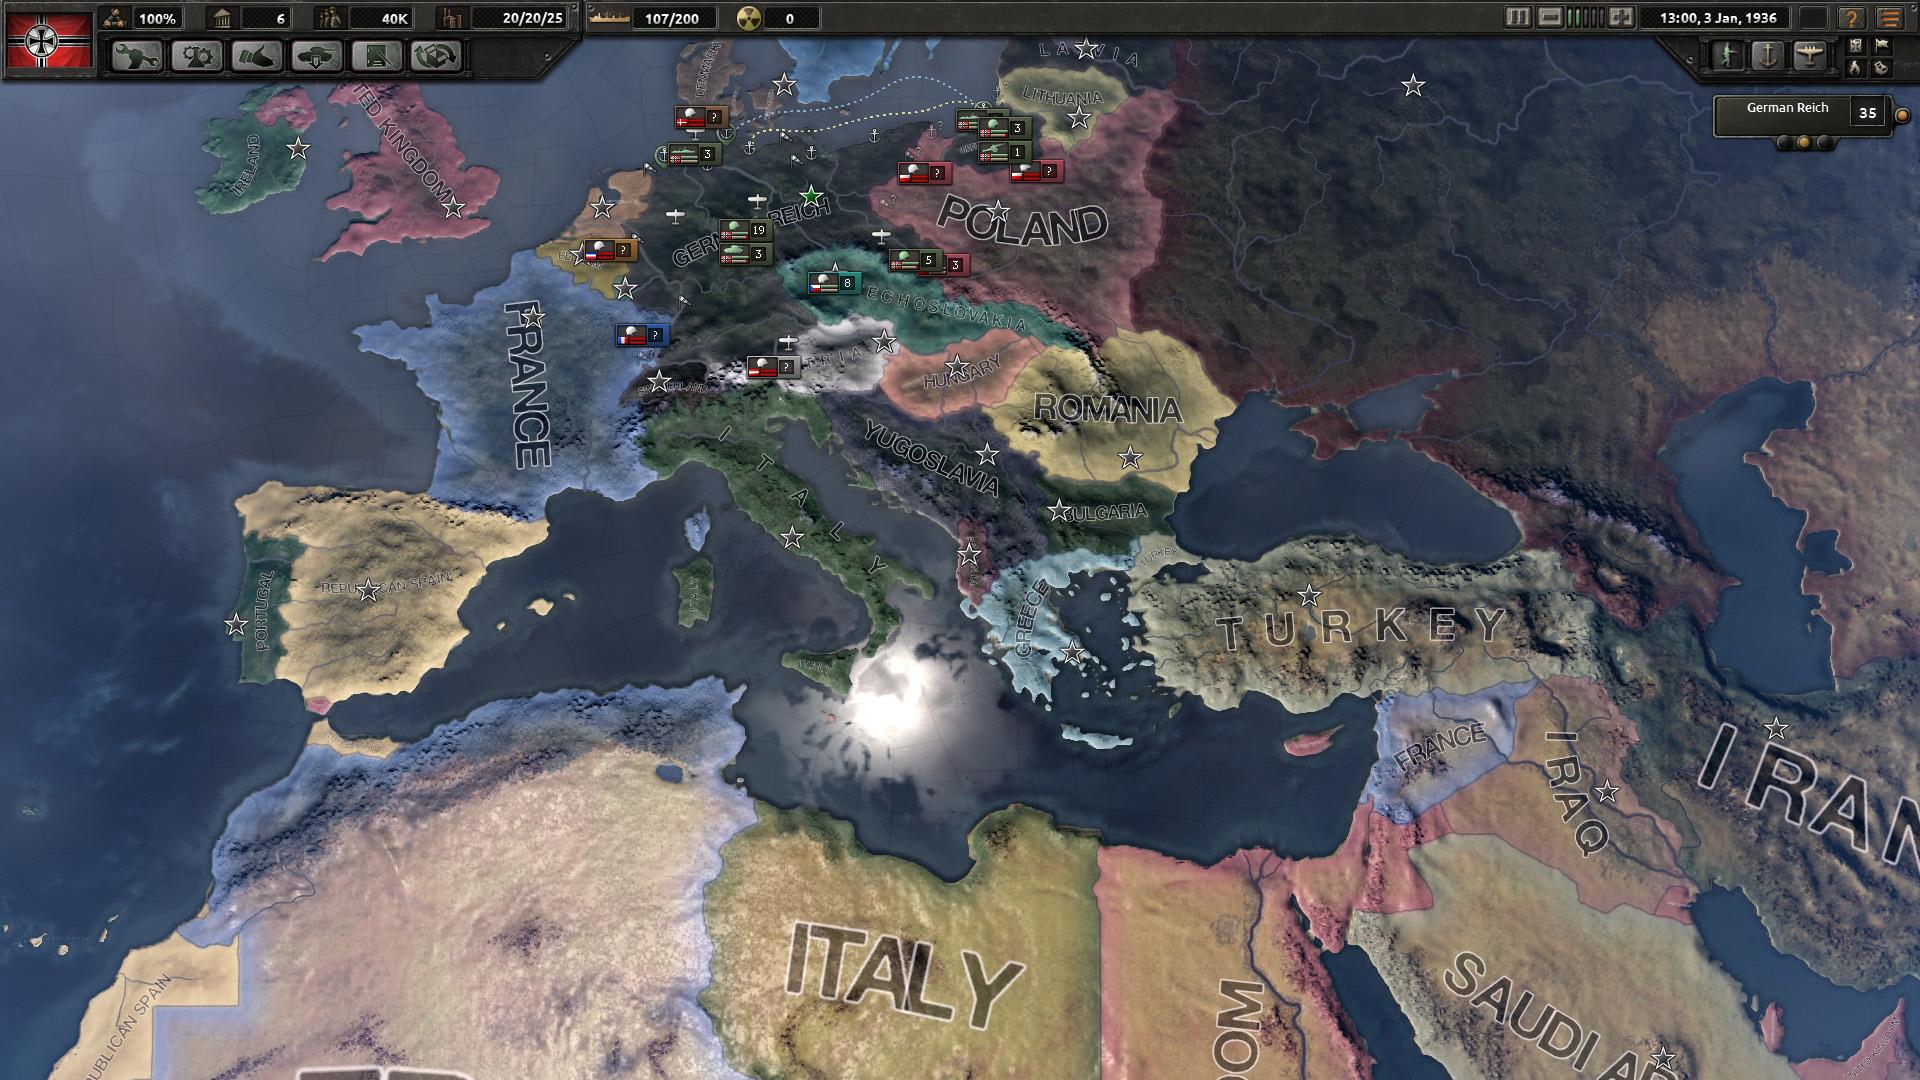 Hearts of Iron IV tựa game thuộc thể loại chiến lược thời gian thực lấy bối cảnh chiến tranh thế giới thứ hai kéo dài từ 1936-1948